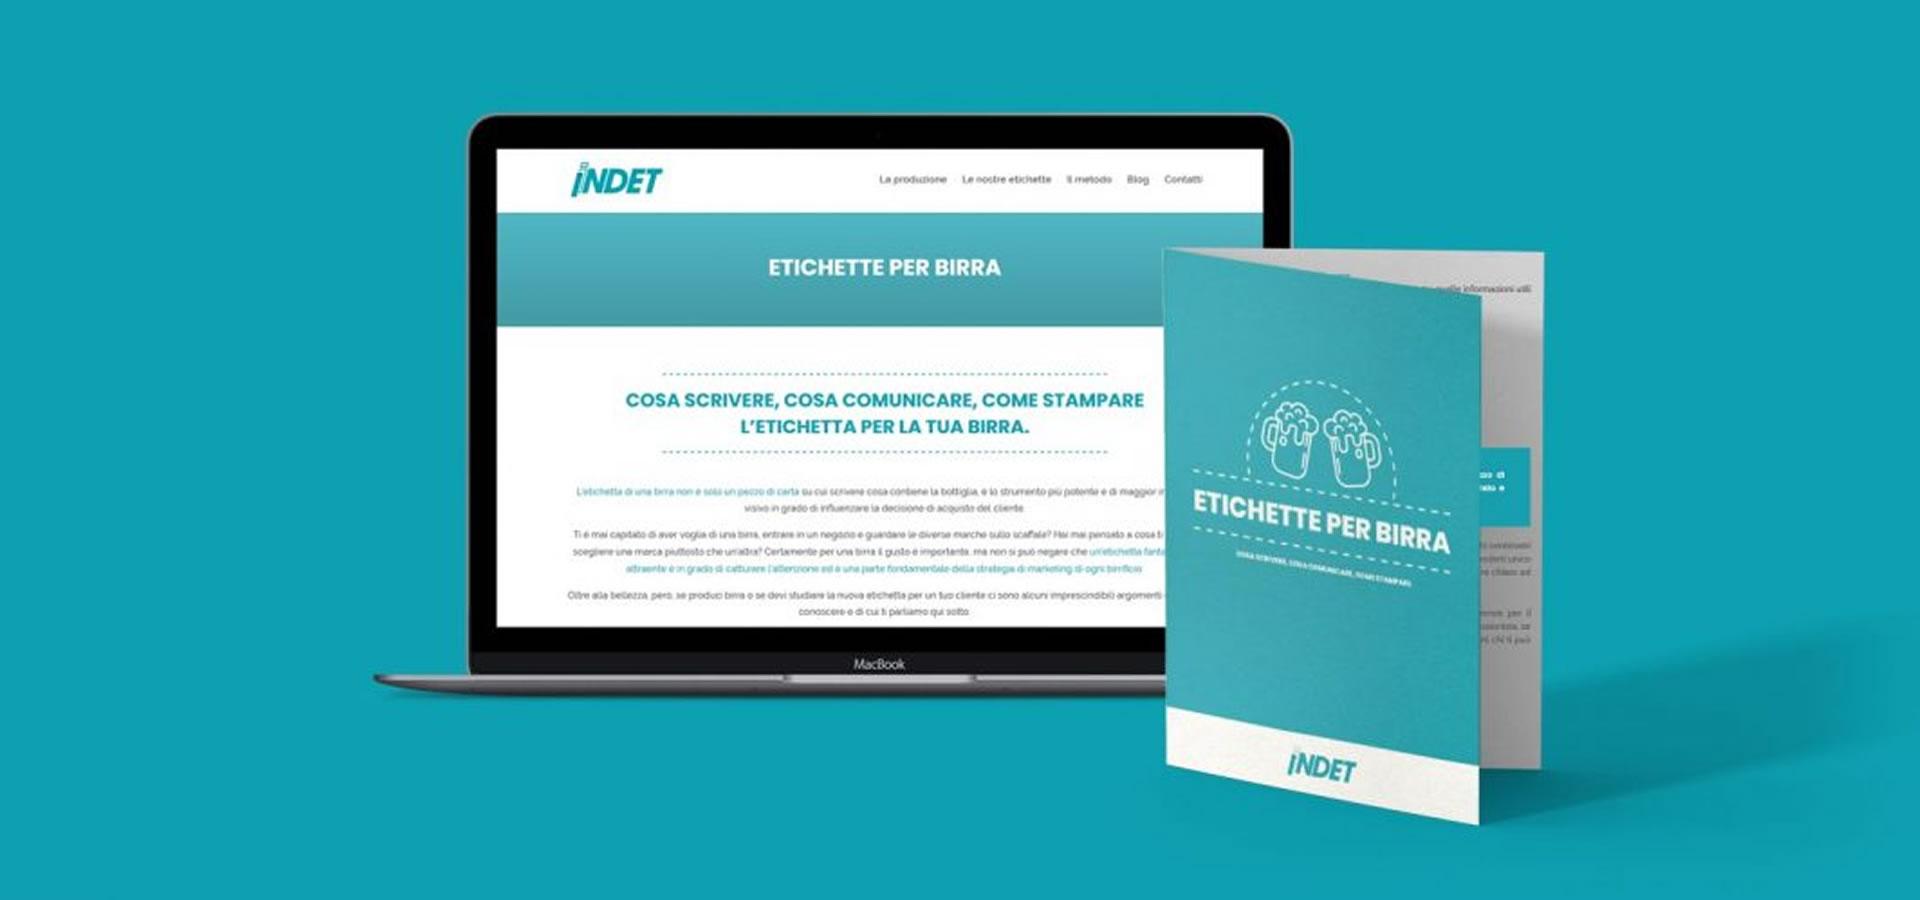 Inbound Marketing Industria 4.0 Indet etichette